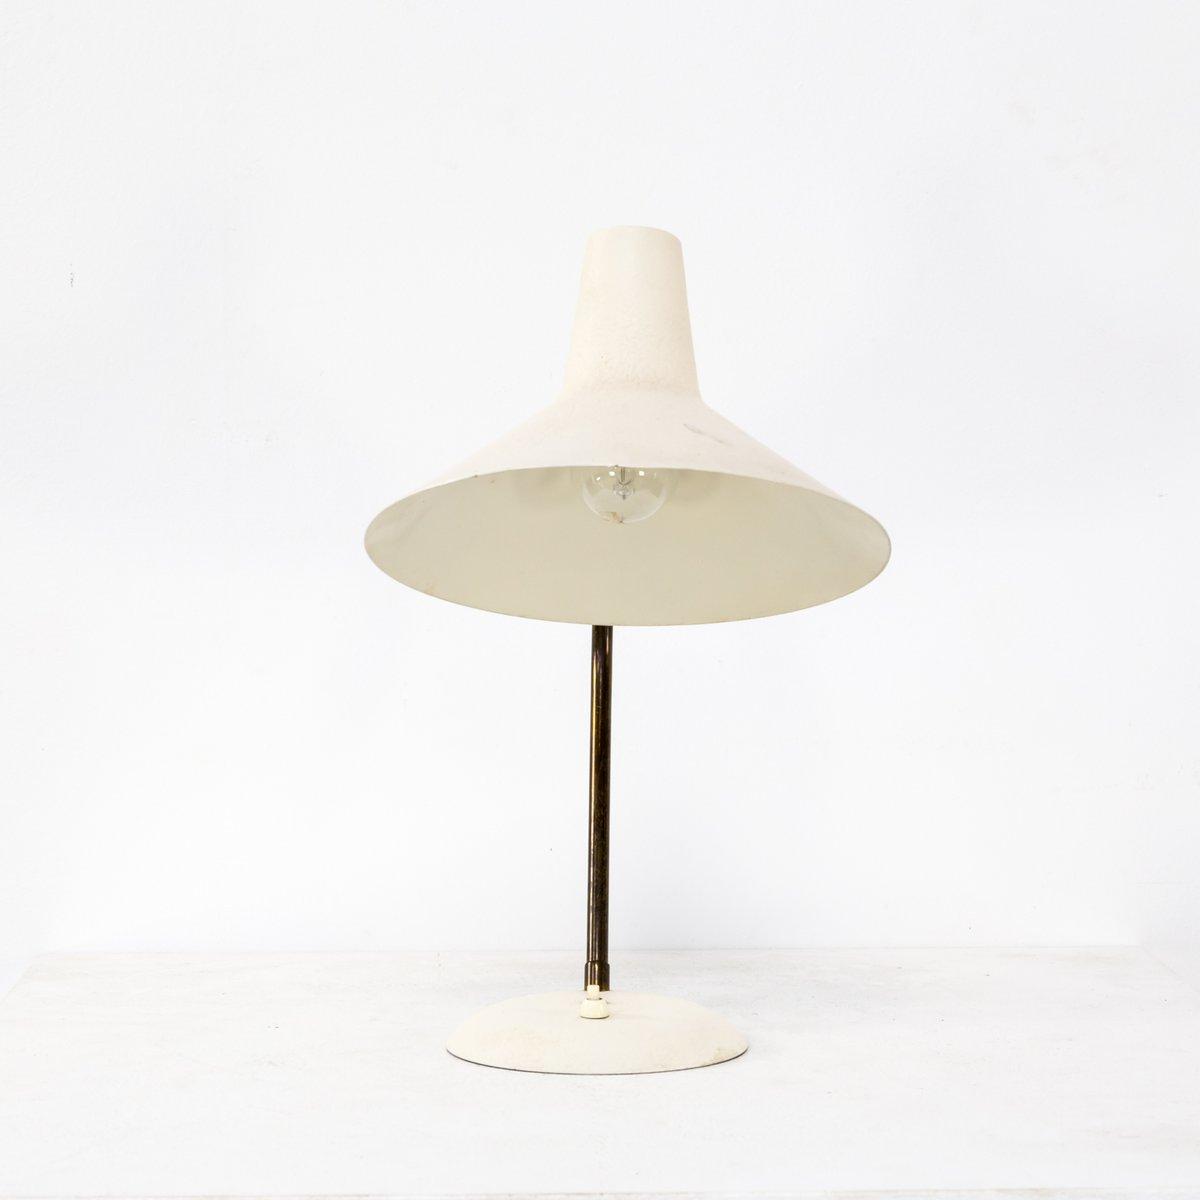 tischlampe aus wei e metall messing von sirius schweinfurt sis 1950er bei pamono kaufen. Black Bedroom Furniture Sets. Home Design Ideas